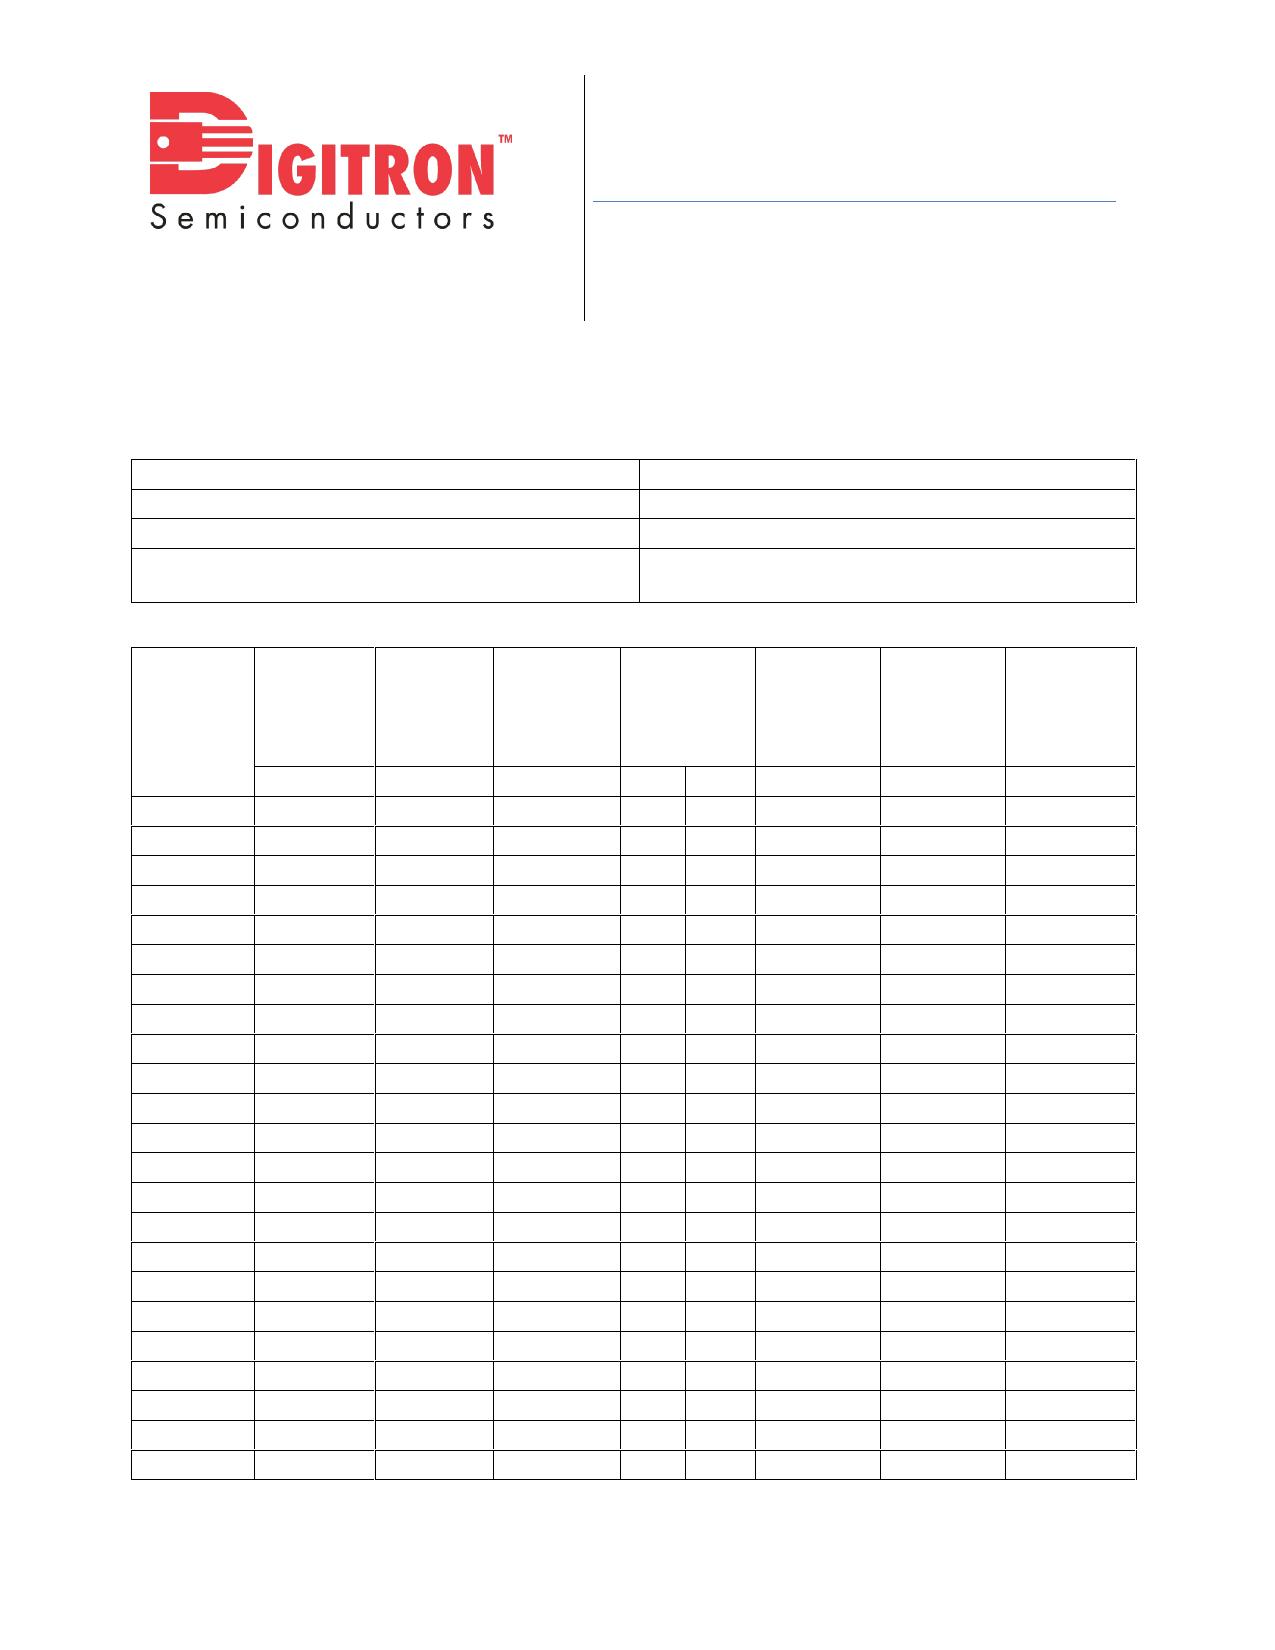 1N4110UR datasheet